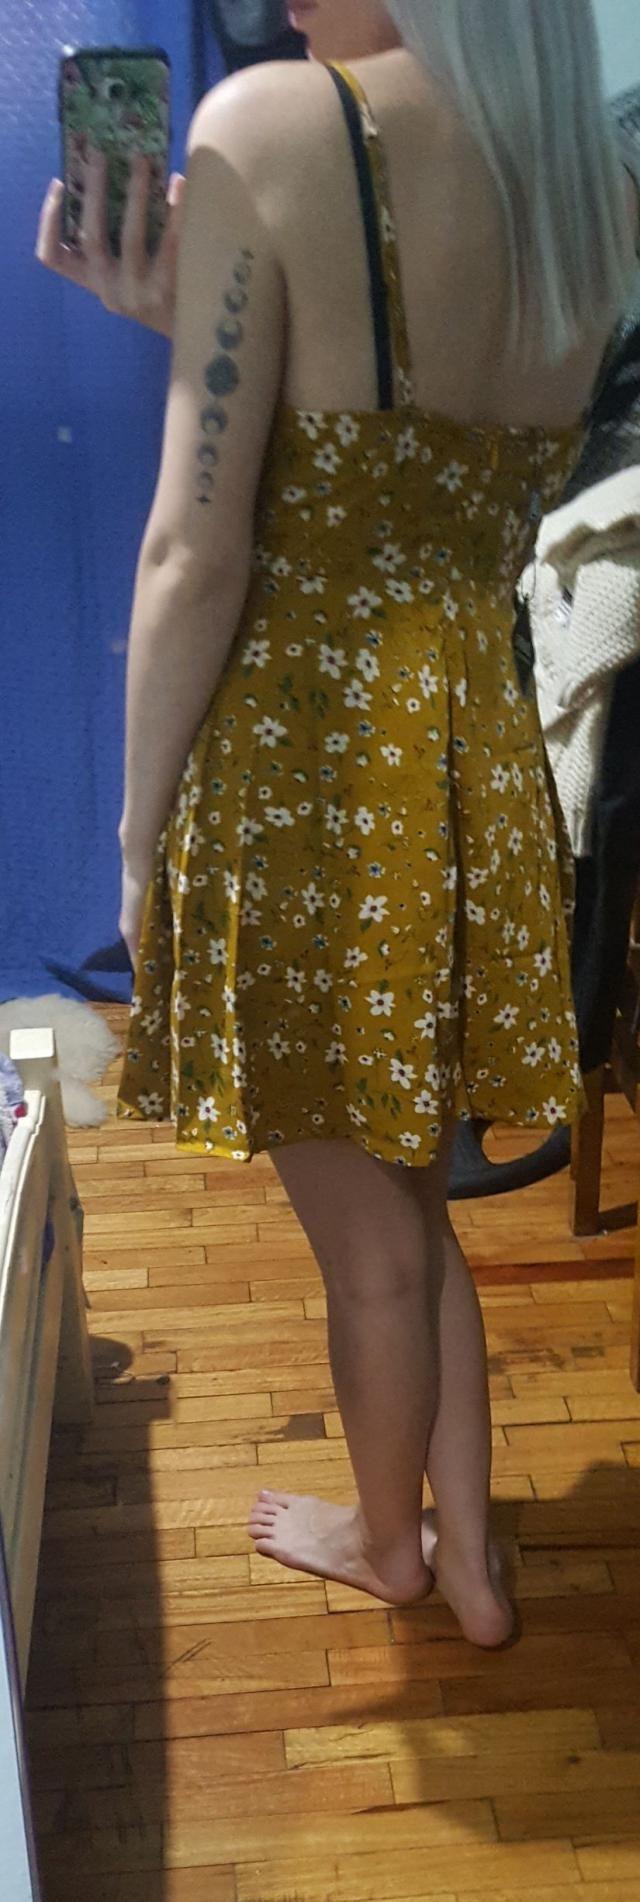 Se ve exactamente como las fotos. <BR>mido 1.62 y 51 kilos. talle s me quedo genial.